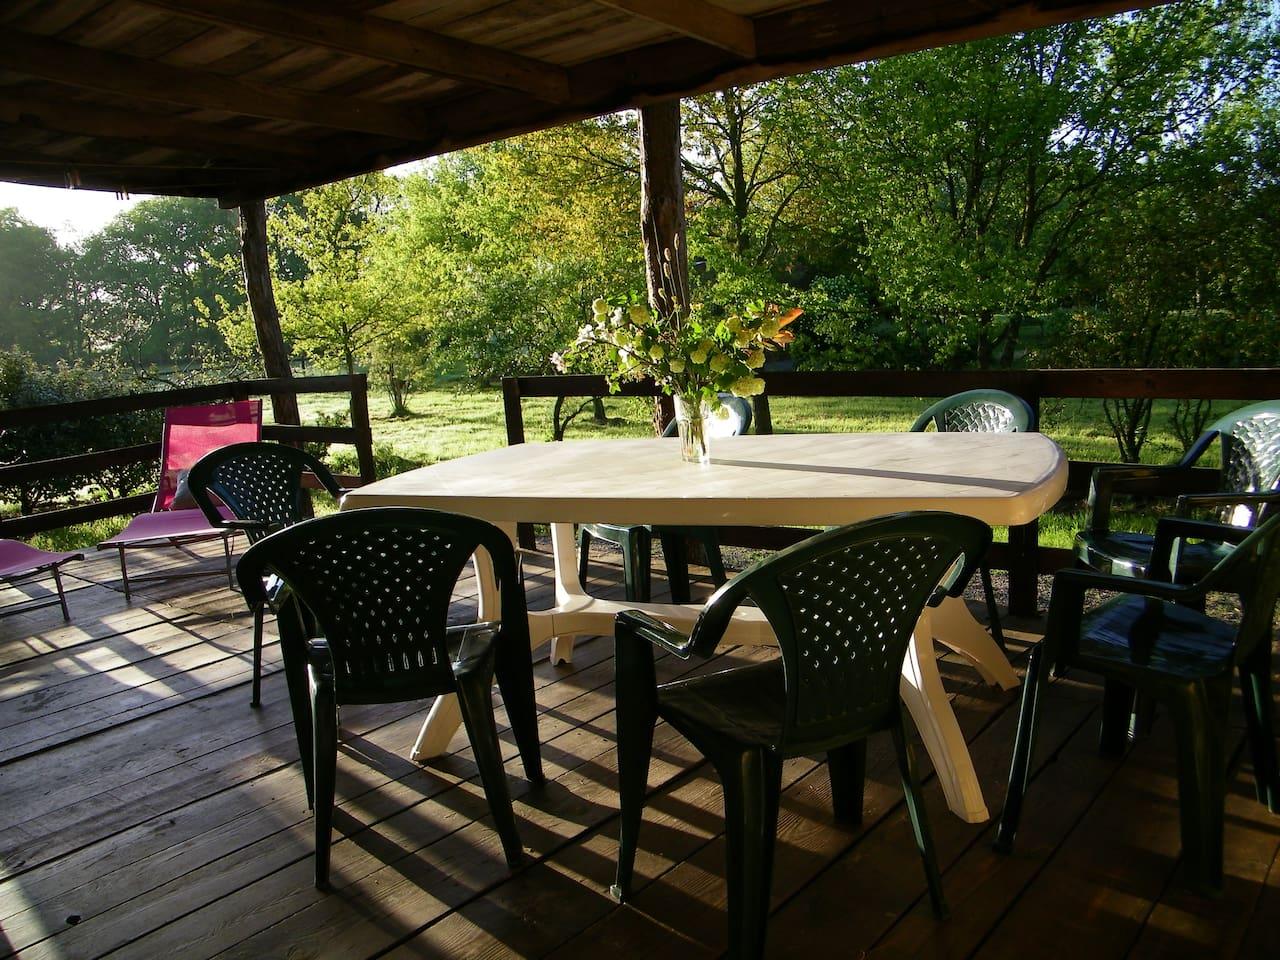 Votre terrasse privative couverte où vous pourrez prendre vos repas et vous détendre. Vous profiterez d'une vue agréable sur le parc arboré.